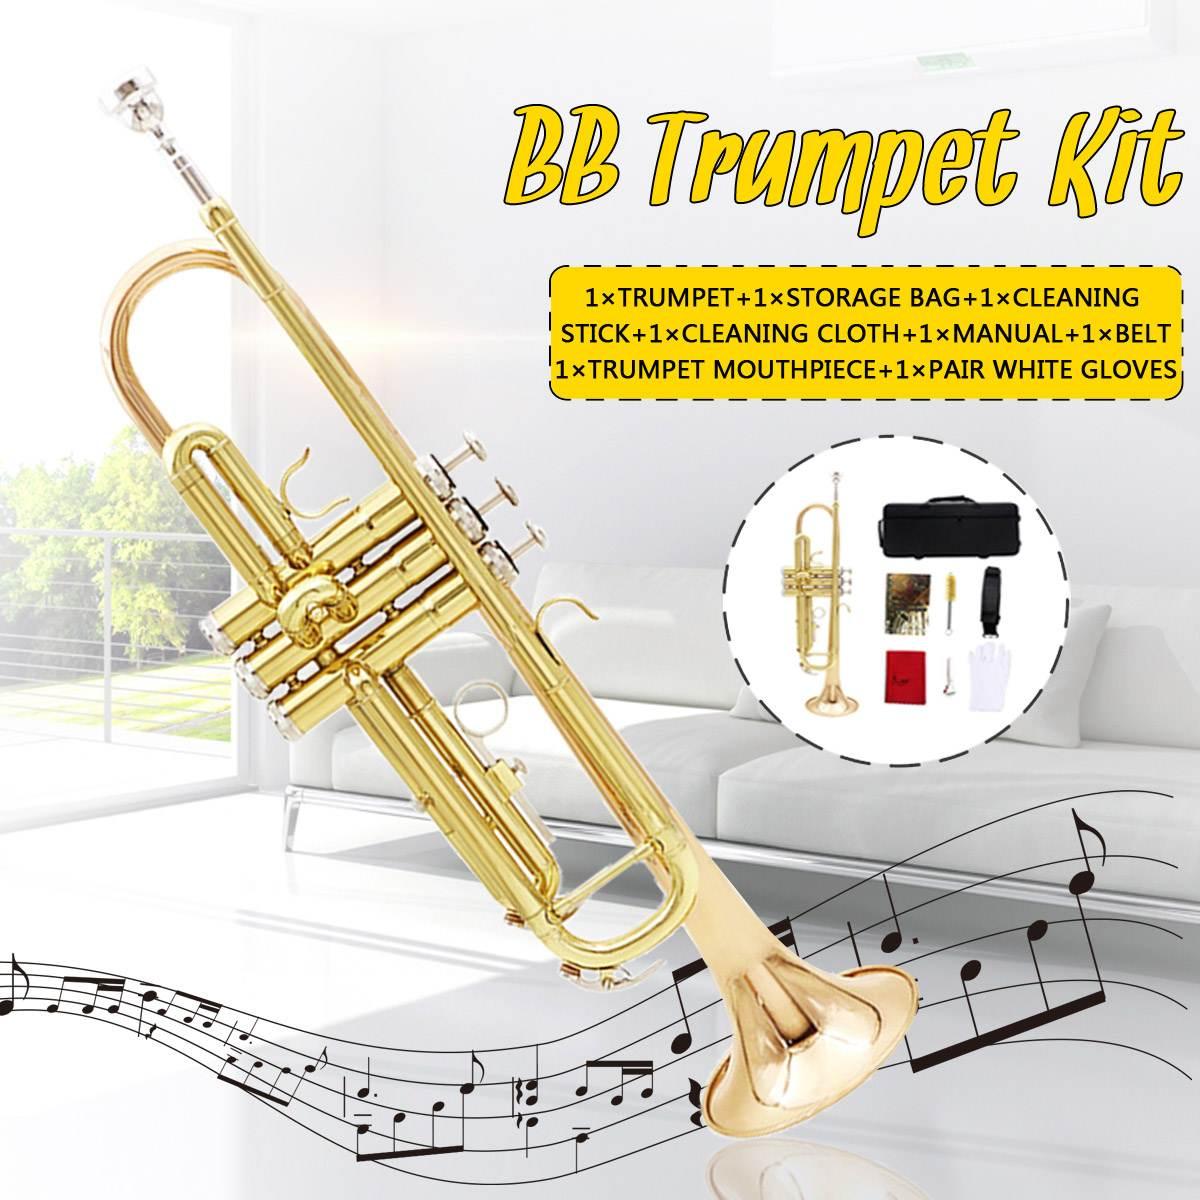 Bach trompette plaqué or clé LT180S-72 plat Bb professionnel trompette cloche haut Instruments de musique en laiton